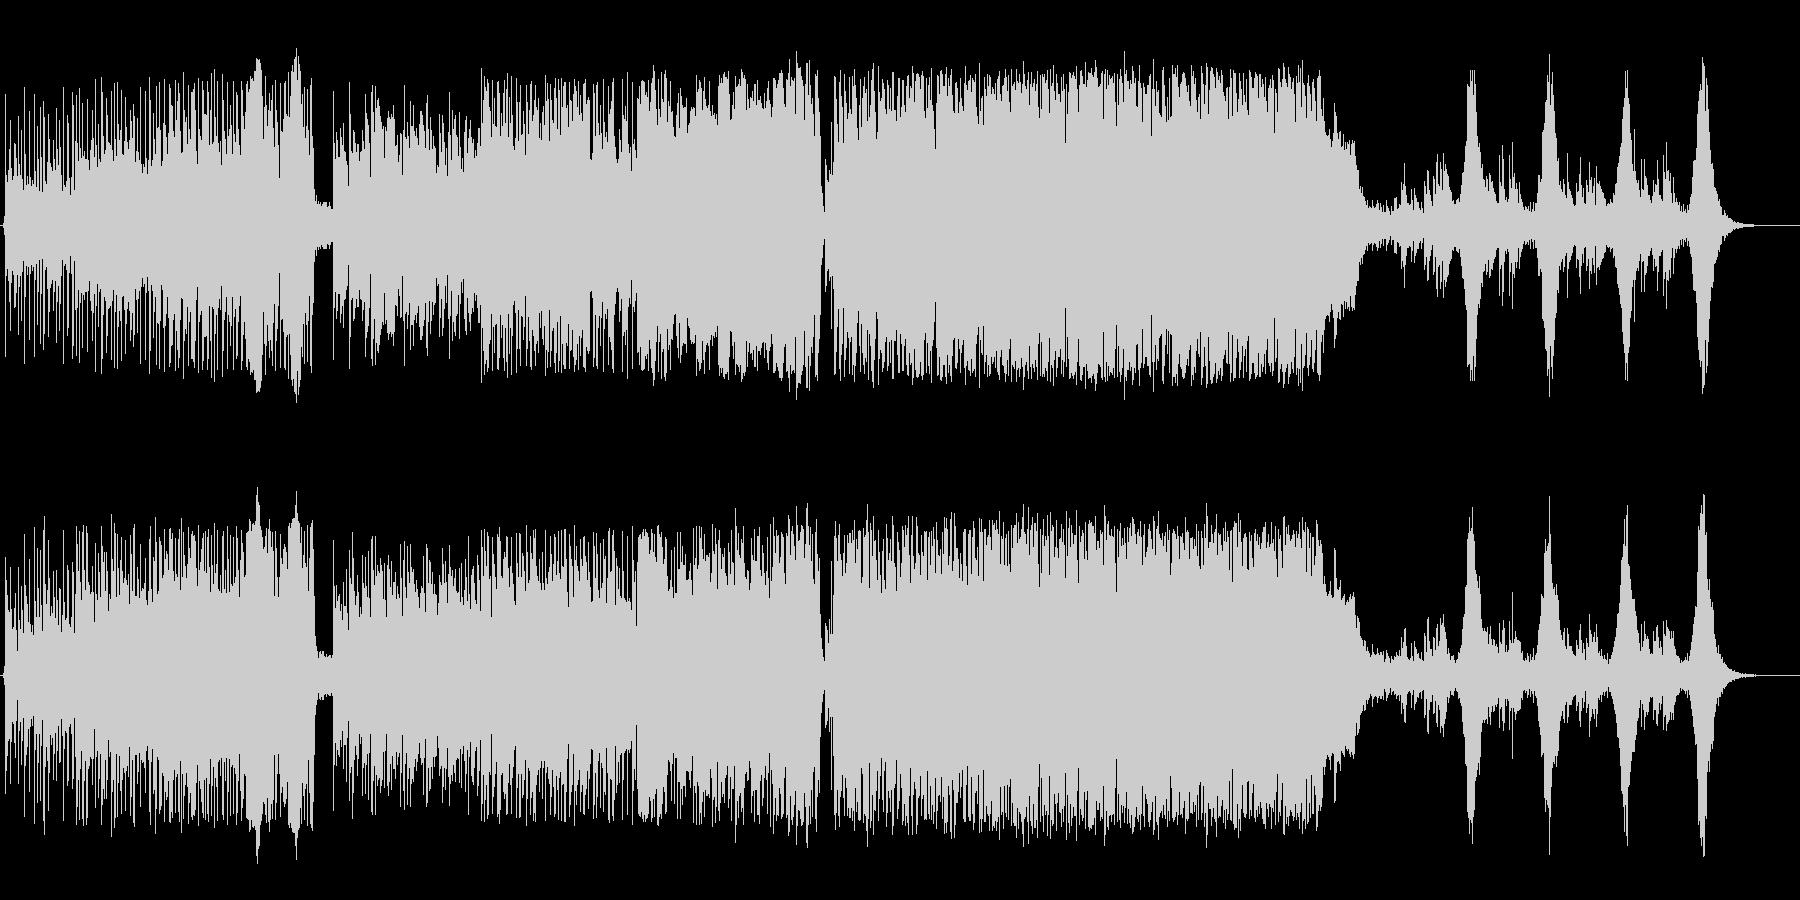 ケルト風アコースティックロックの未再生の波形